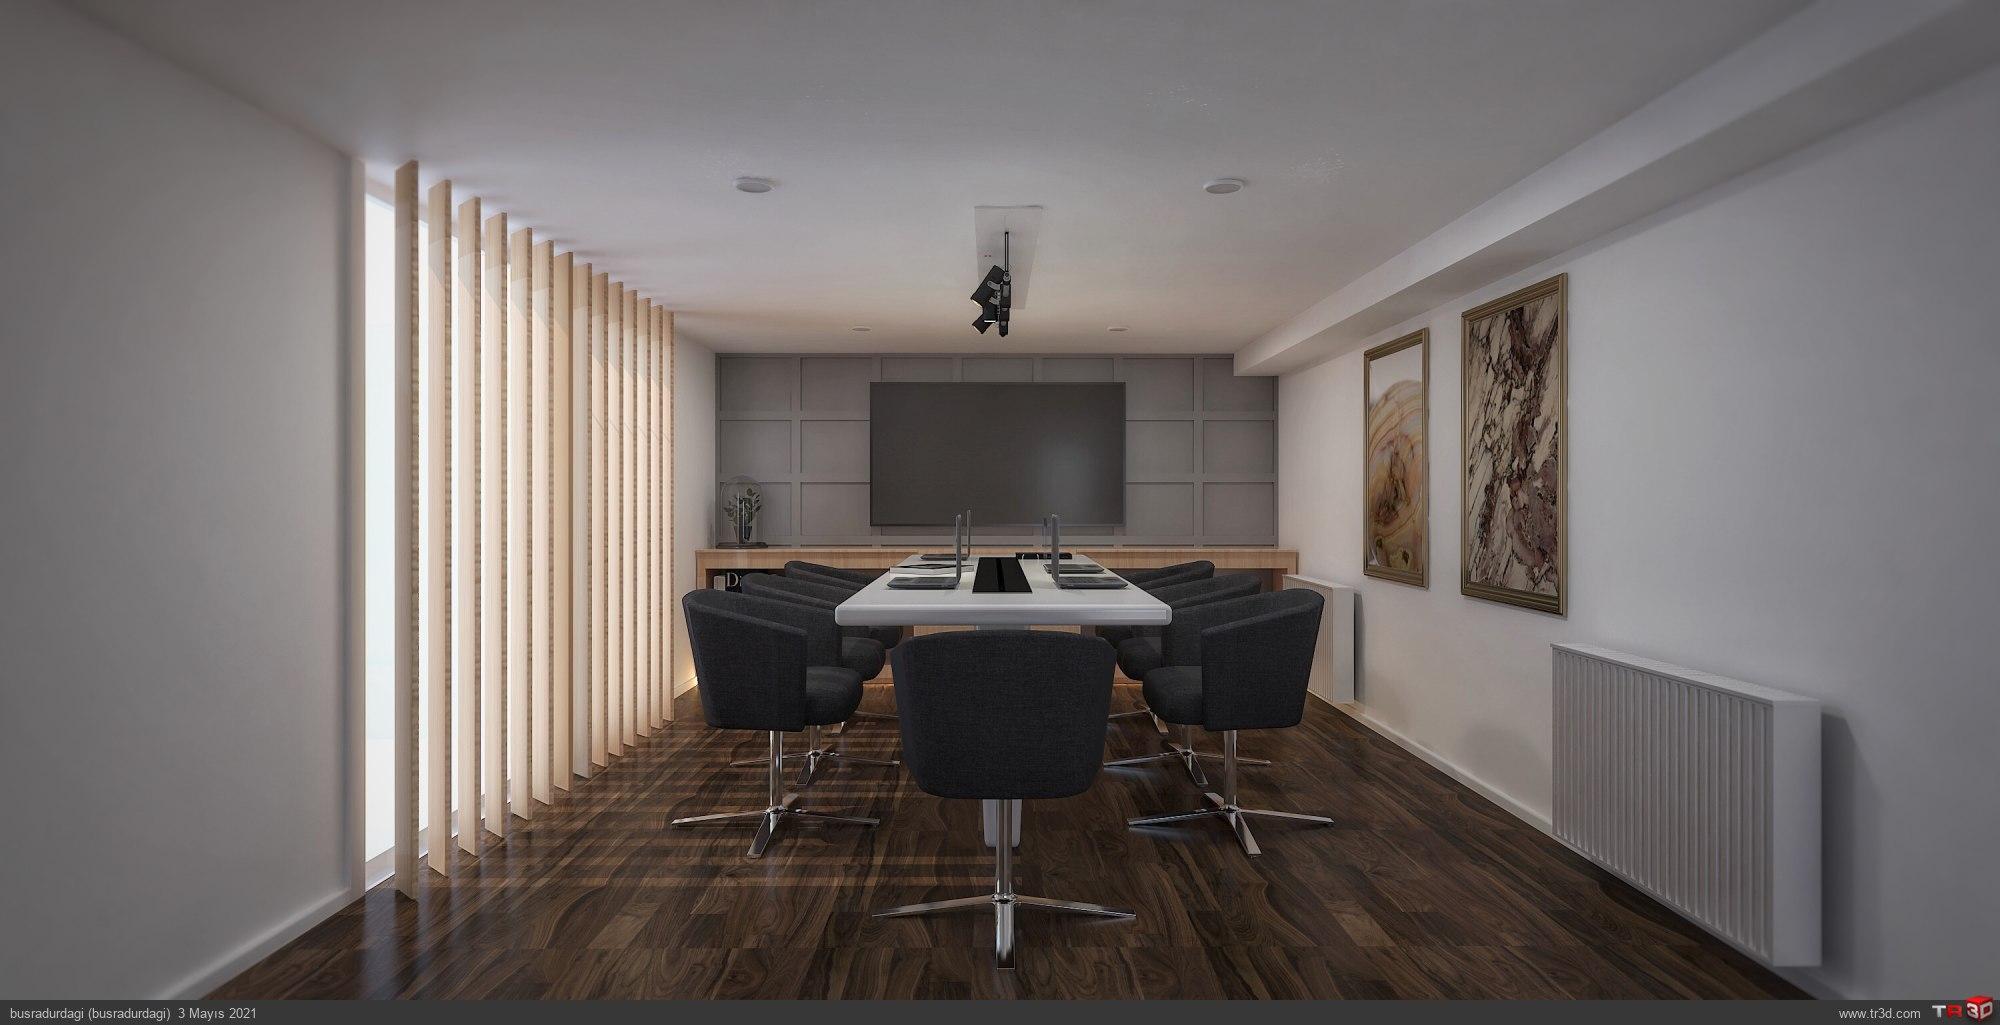 Toplantı odası tasarım çalışması